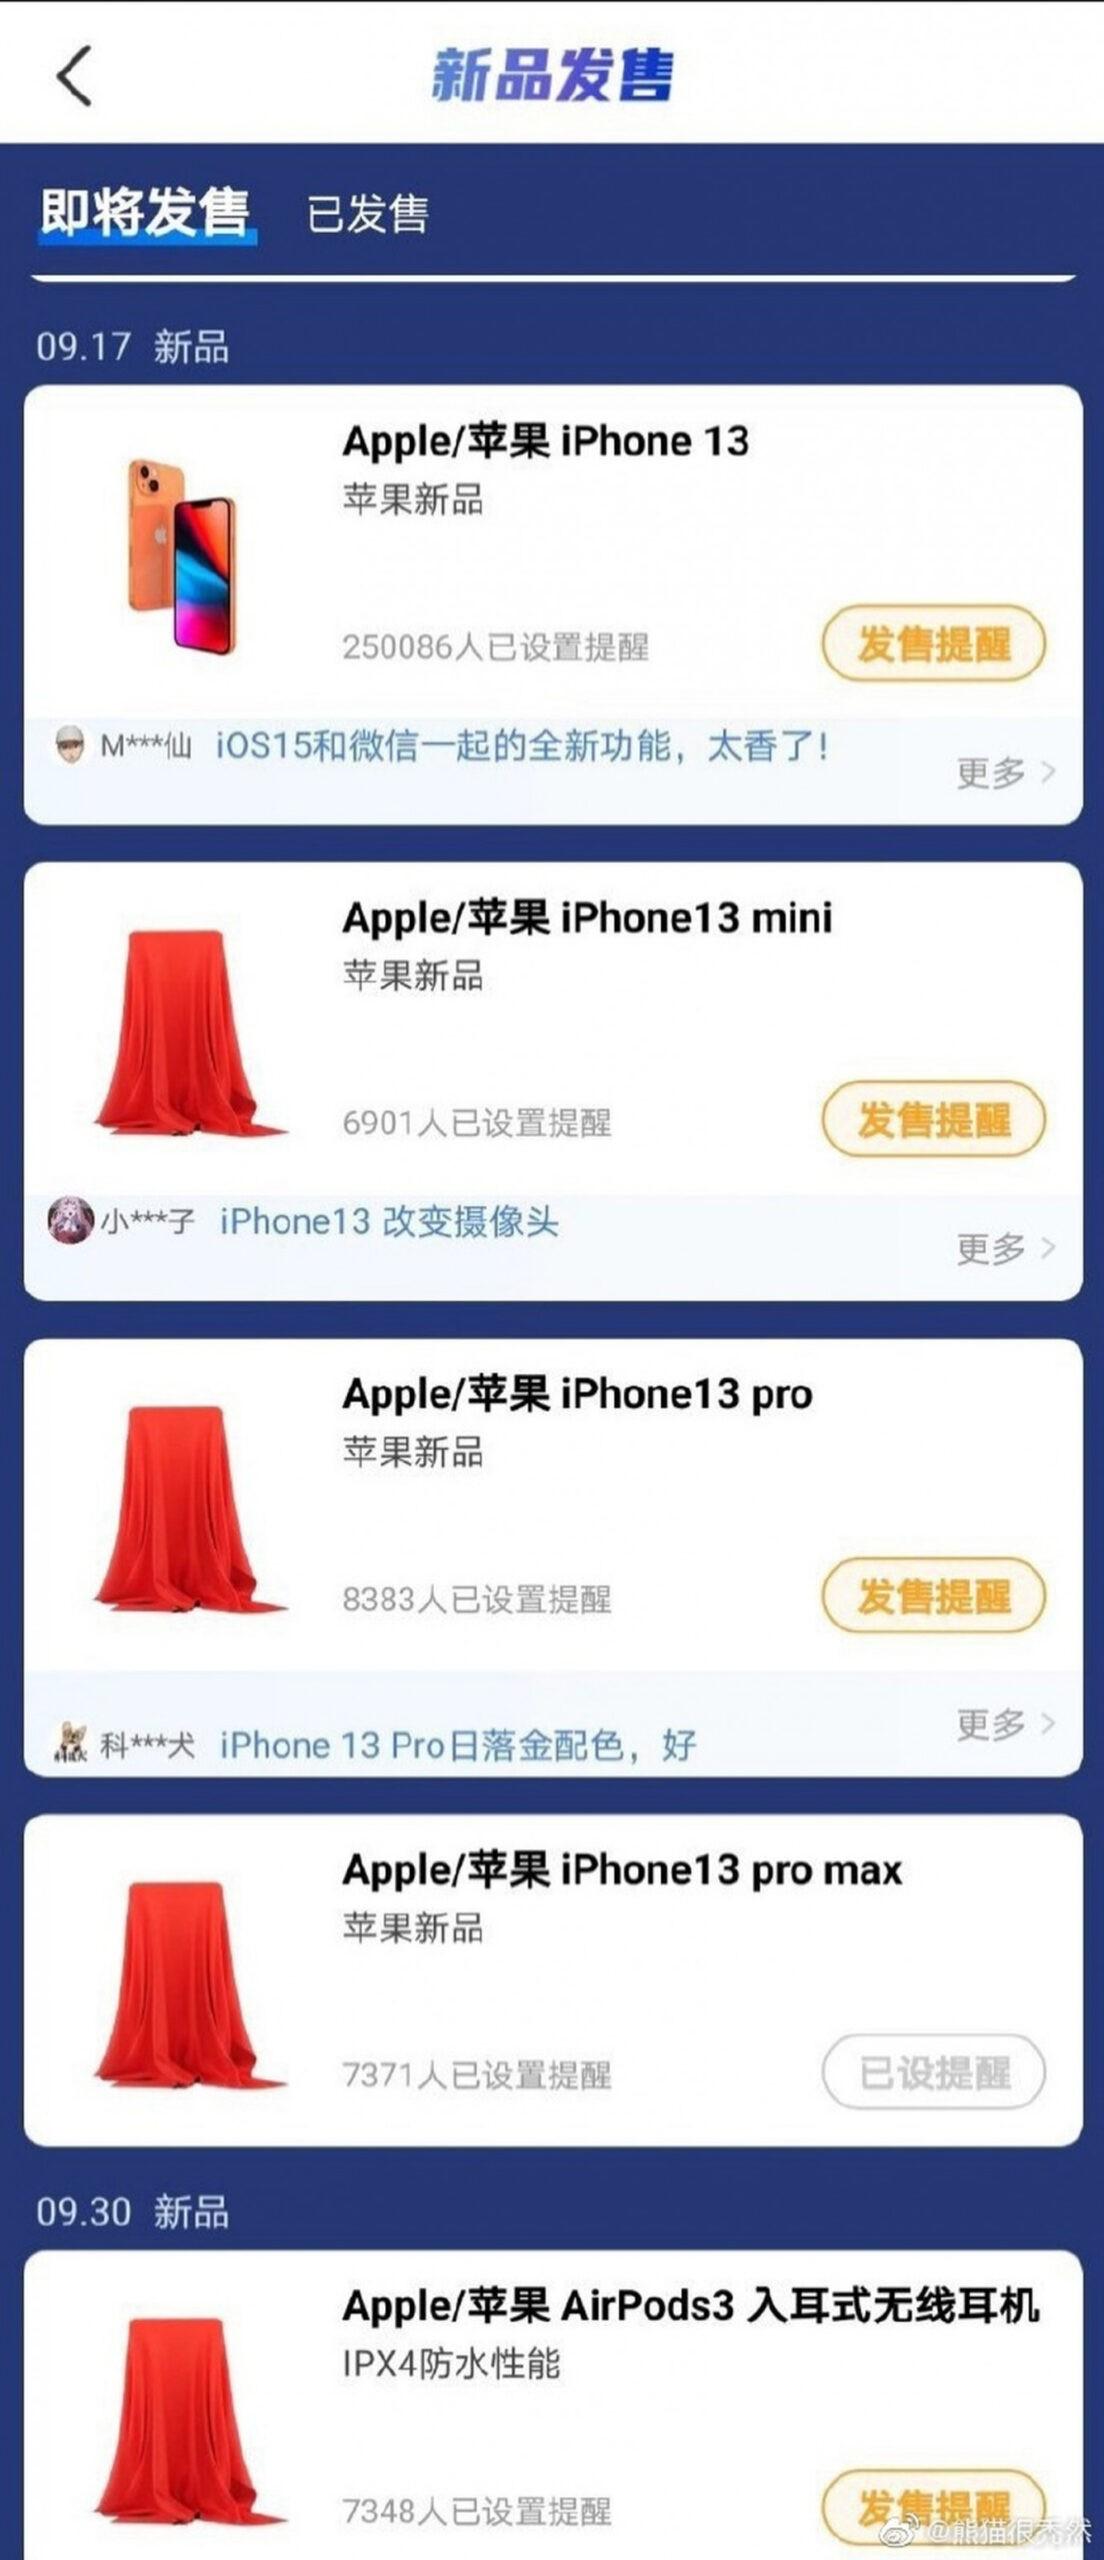 Data premiery iPhone 13 / 13 Pro i AirPods 3 ujawniona? ciekawostki premiera iPhone 13, kiedy prezentacja iphone 13 pro, kiedy iPhone 13, iphone 13 pro kiedy premiera, iPhone 13 Pro kiedy, data rozpoczecia sprzedazy iPhone 13 pro, data rozpoczecia sprzedazy iPhone 13, data prezentacji iphone 13, data premiery iPhone 13  W oczekiwaniu na rychłą prezentację nowych gadżetów Apple w jednym z chińskich sklepów internetowych pojawiła się data premiery iPhone 13 i AirPods 3. generacji.  iP13 sklep scaled